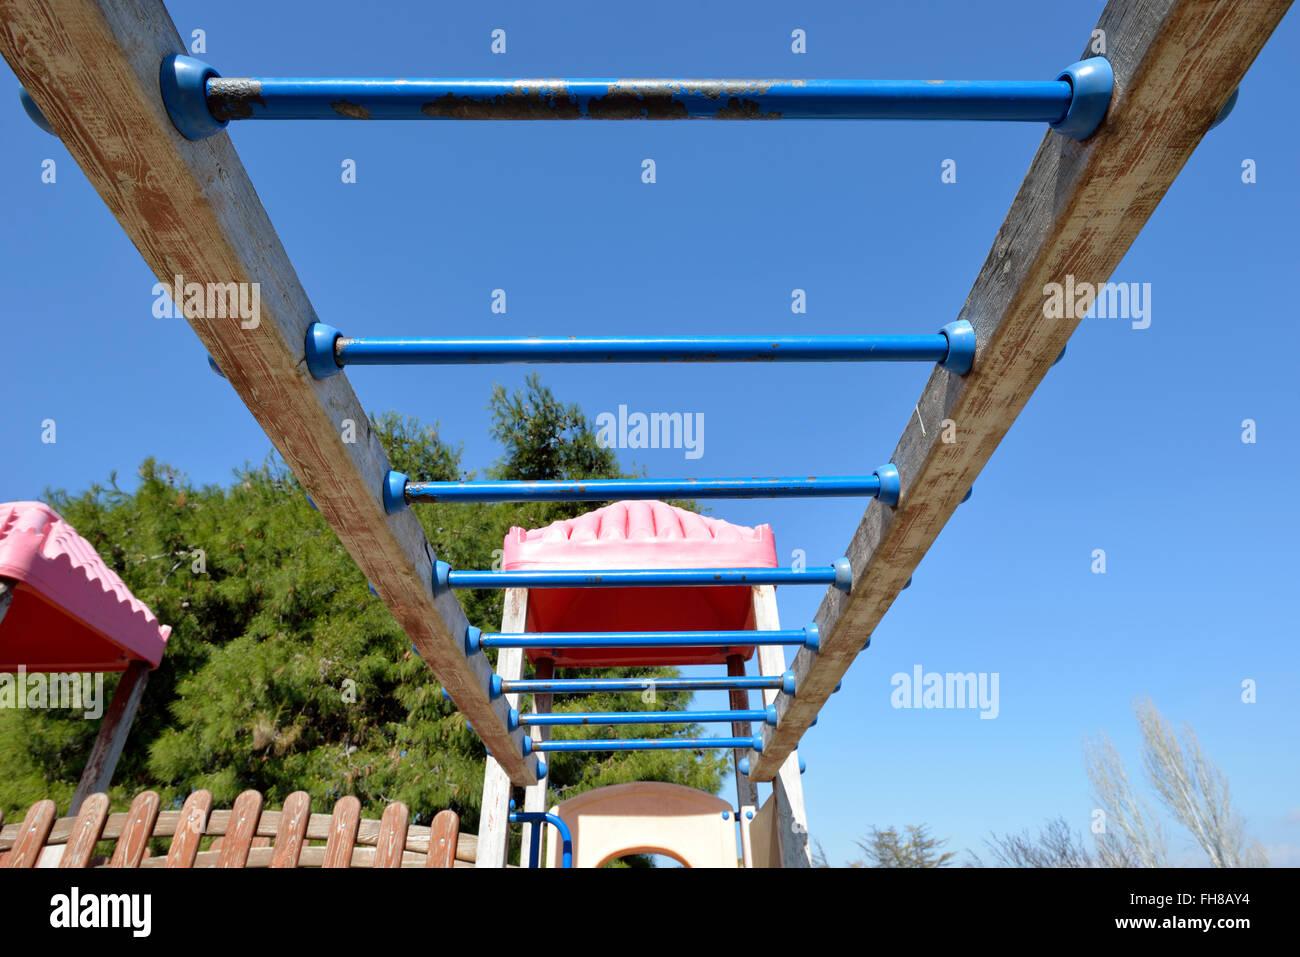 Monkey bars at children playground - Stock Image